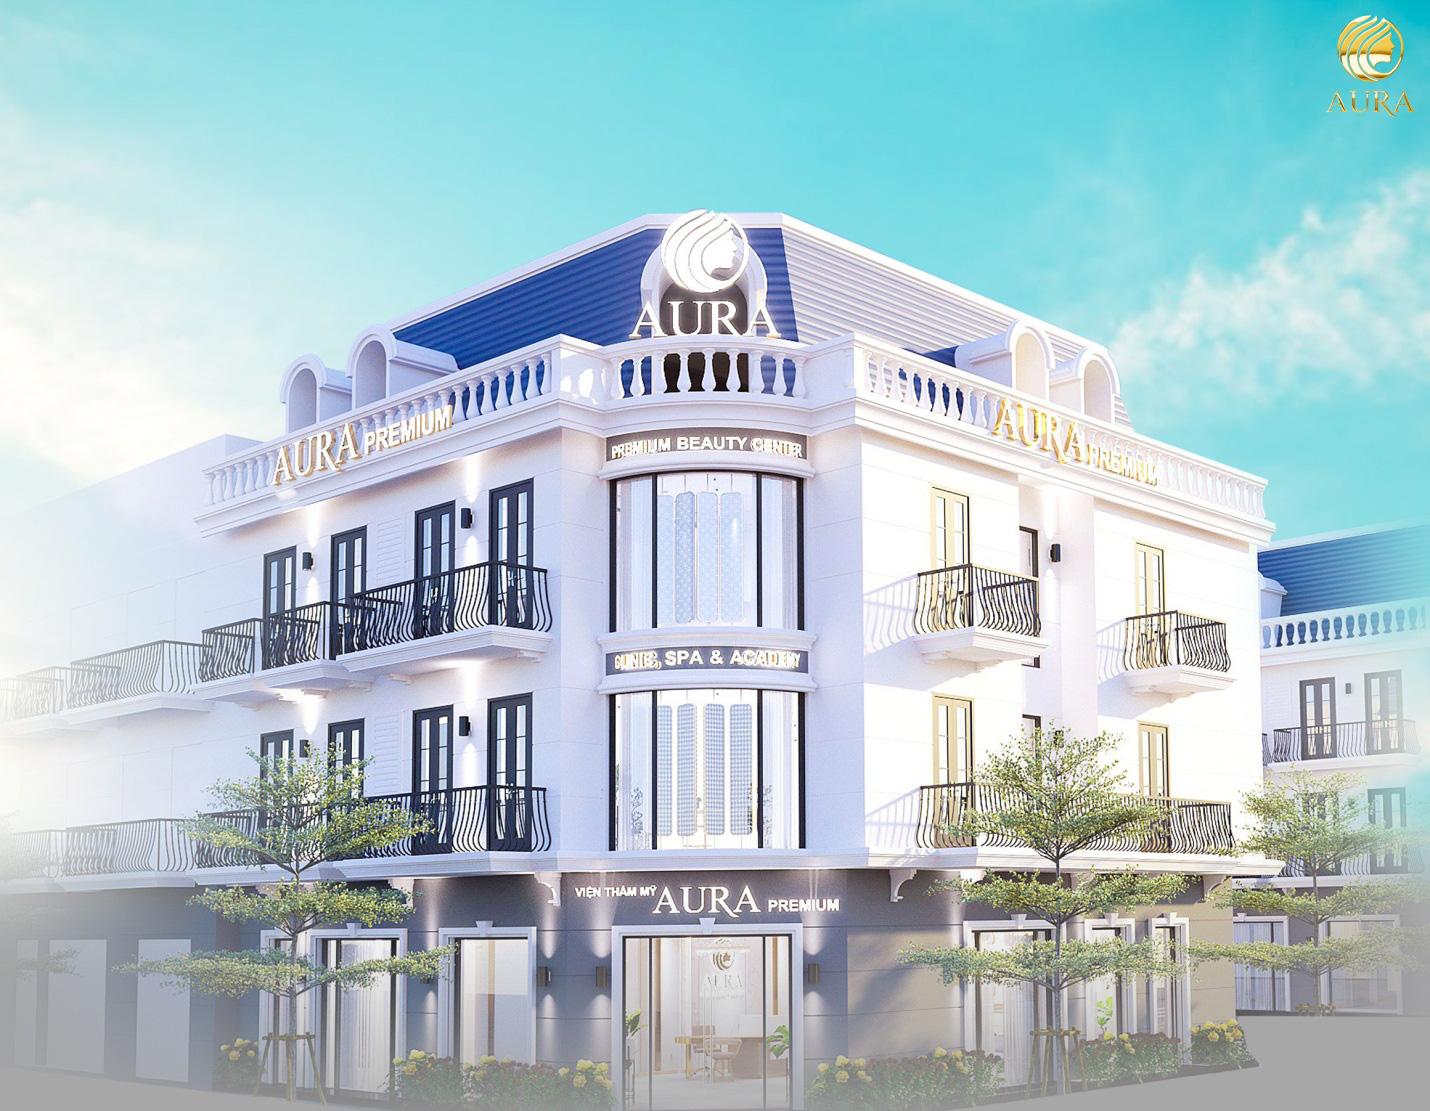 Thẩm mỹ viện Quốc tế Aura khai trương cơ sở làm đẹp 5 sao đầu tiên tại Đồng Tháp - Ảnh 1.